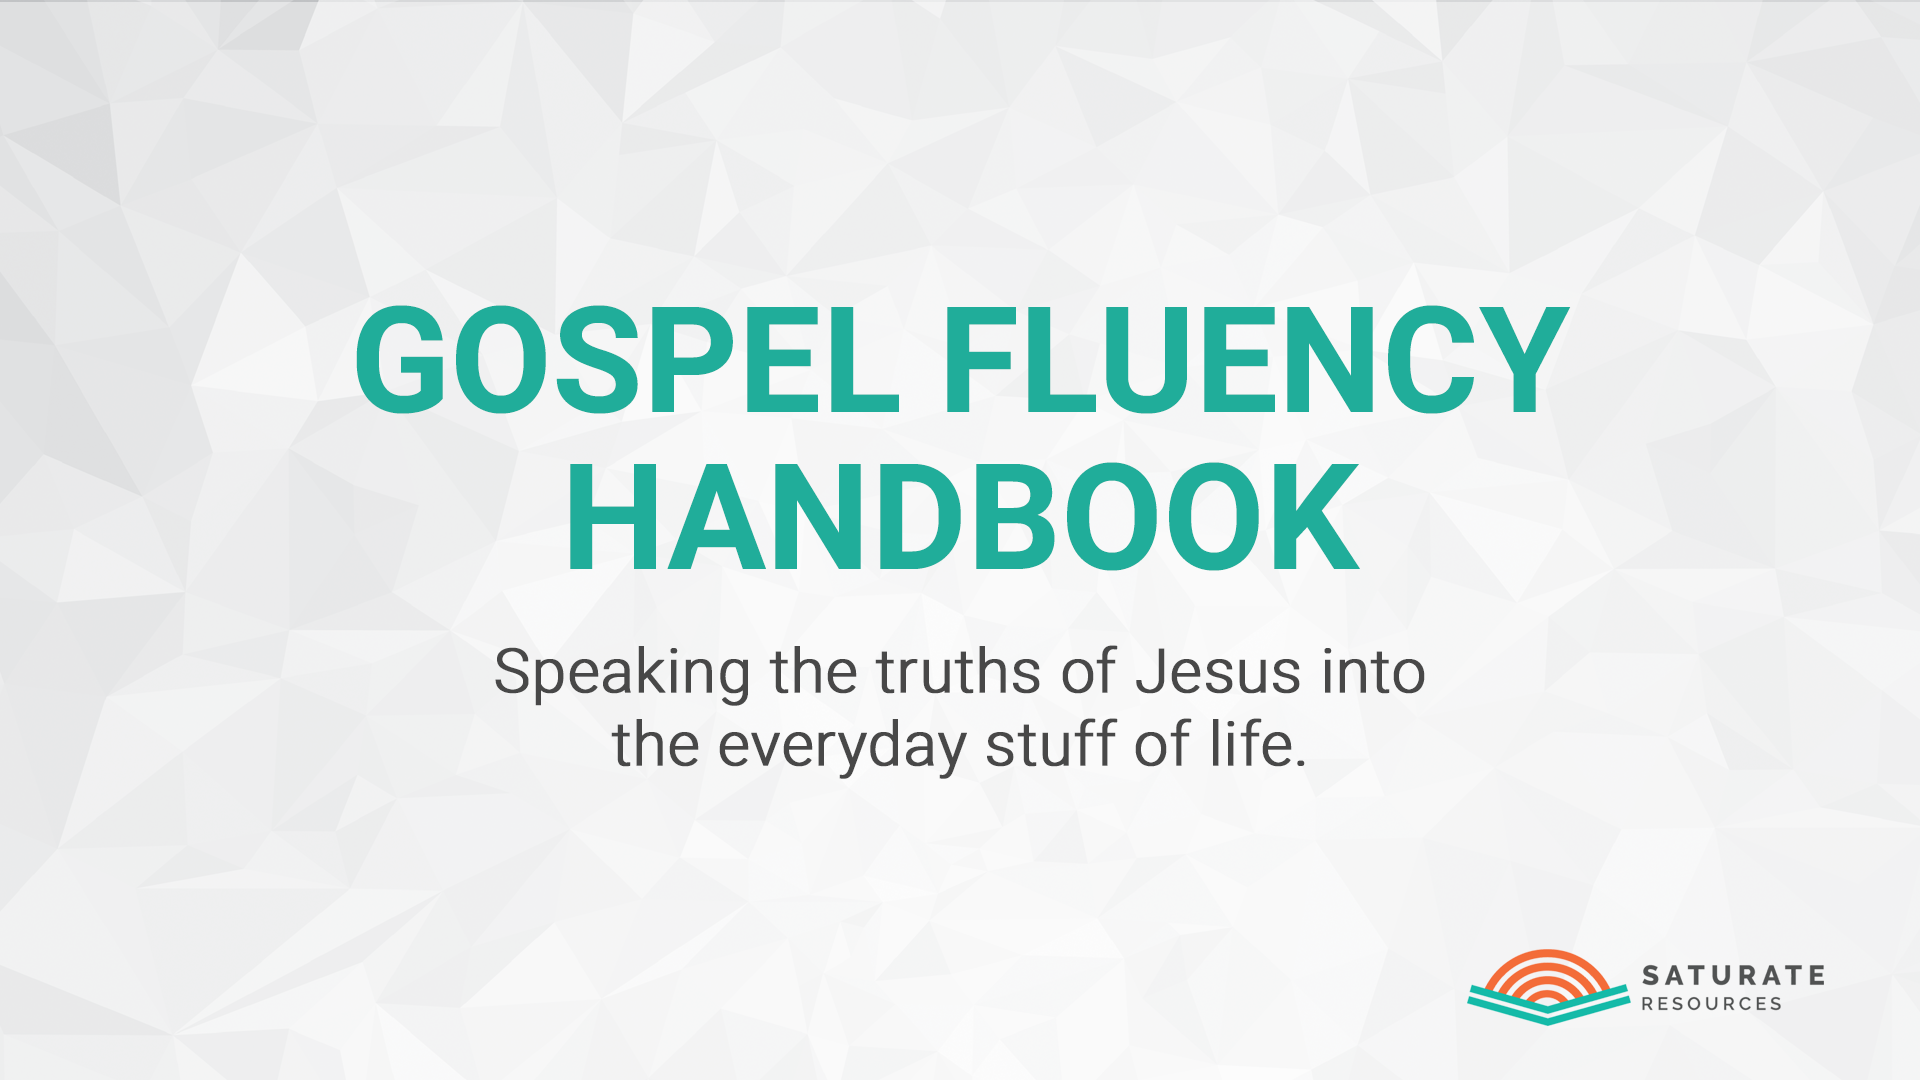 Gospel Fluency Handbook Series